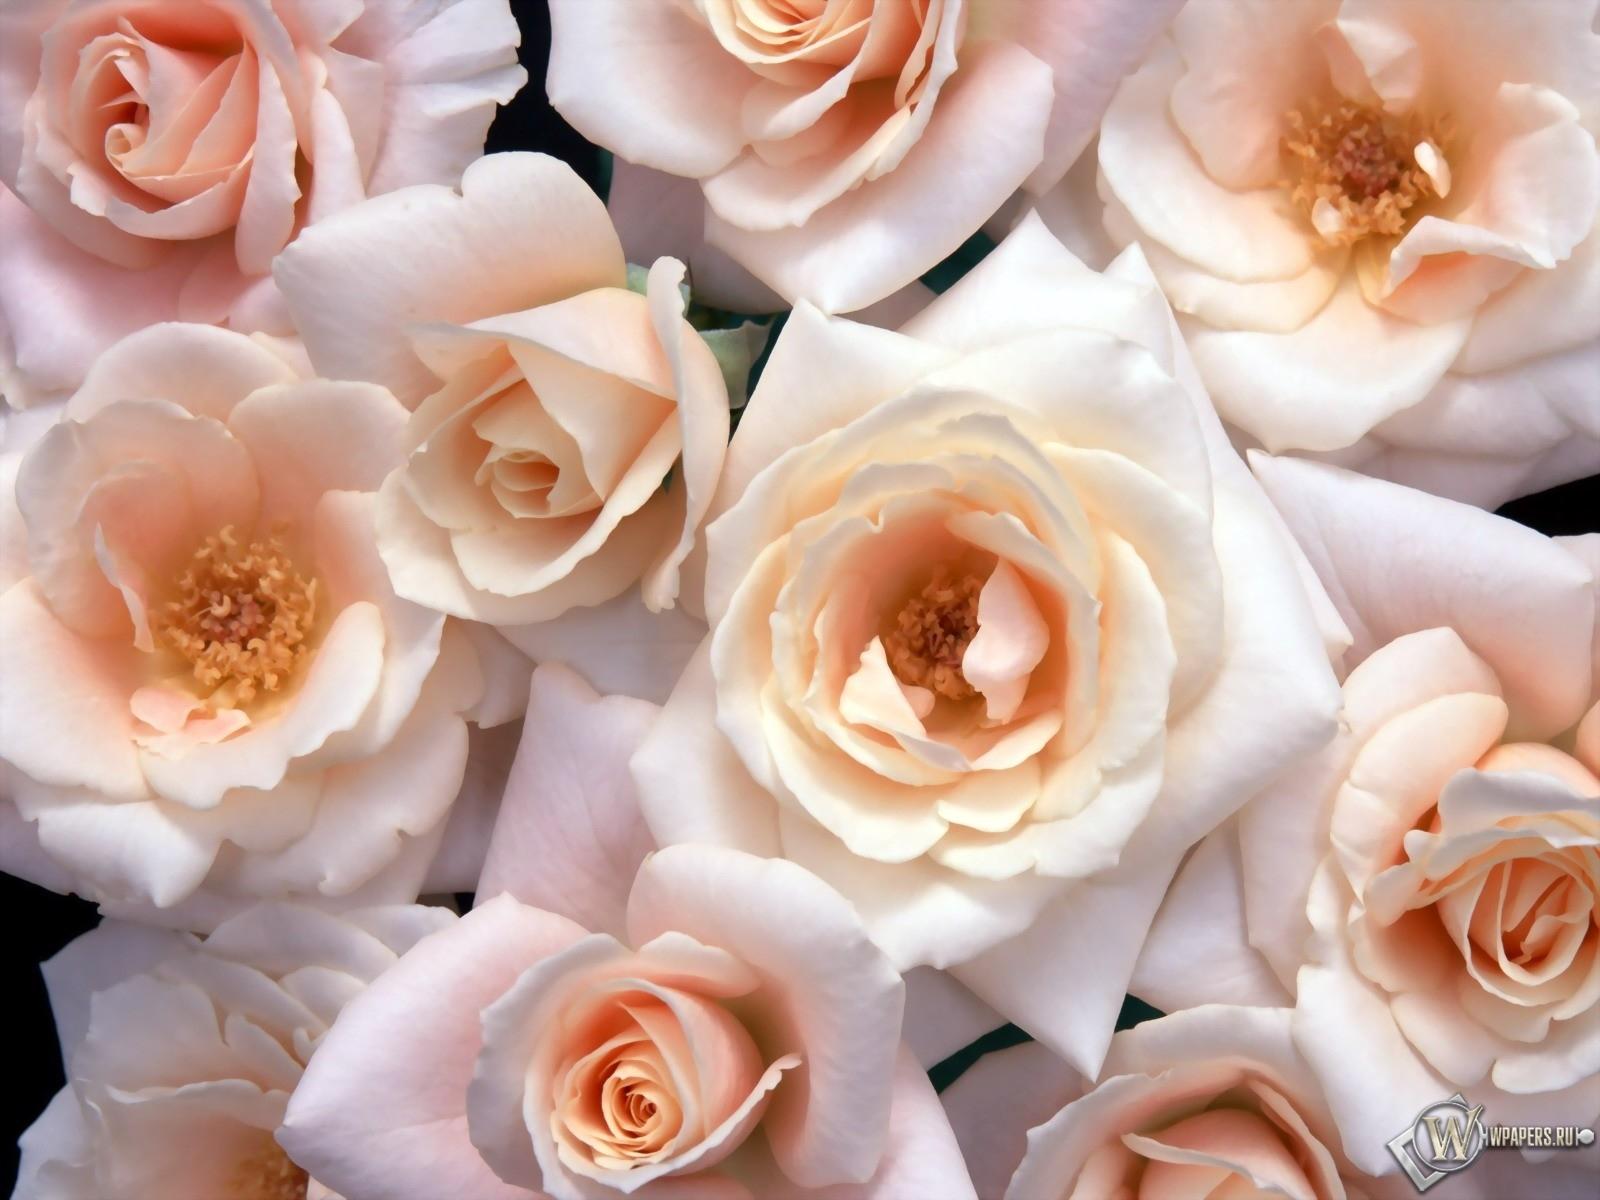 Лиловые розы 1600x1200